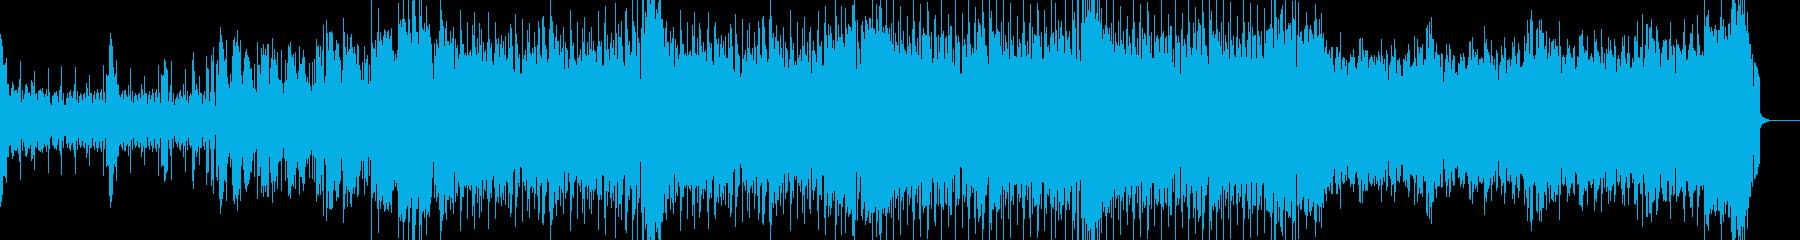 シンプルなフレンチハウスの再生済みの波形